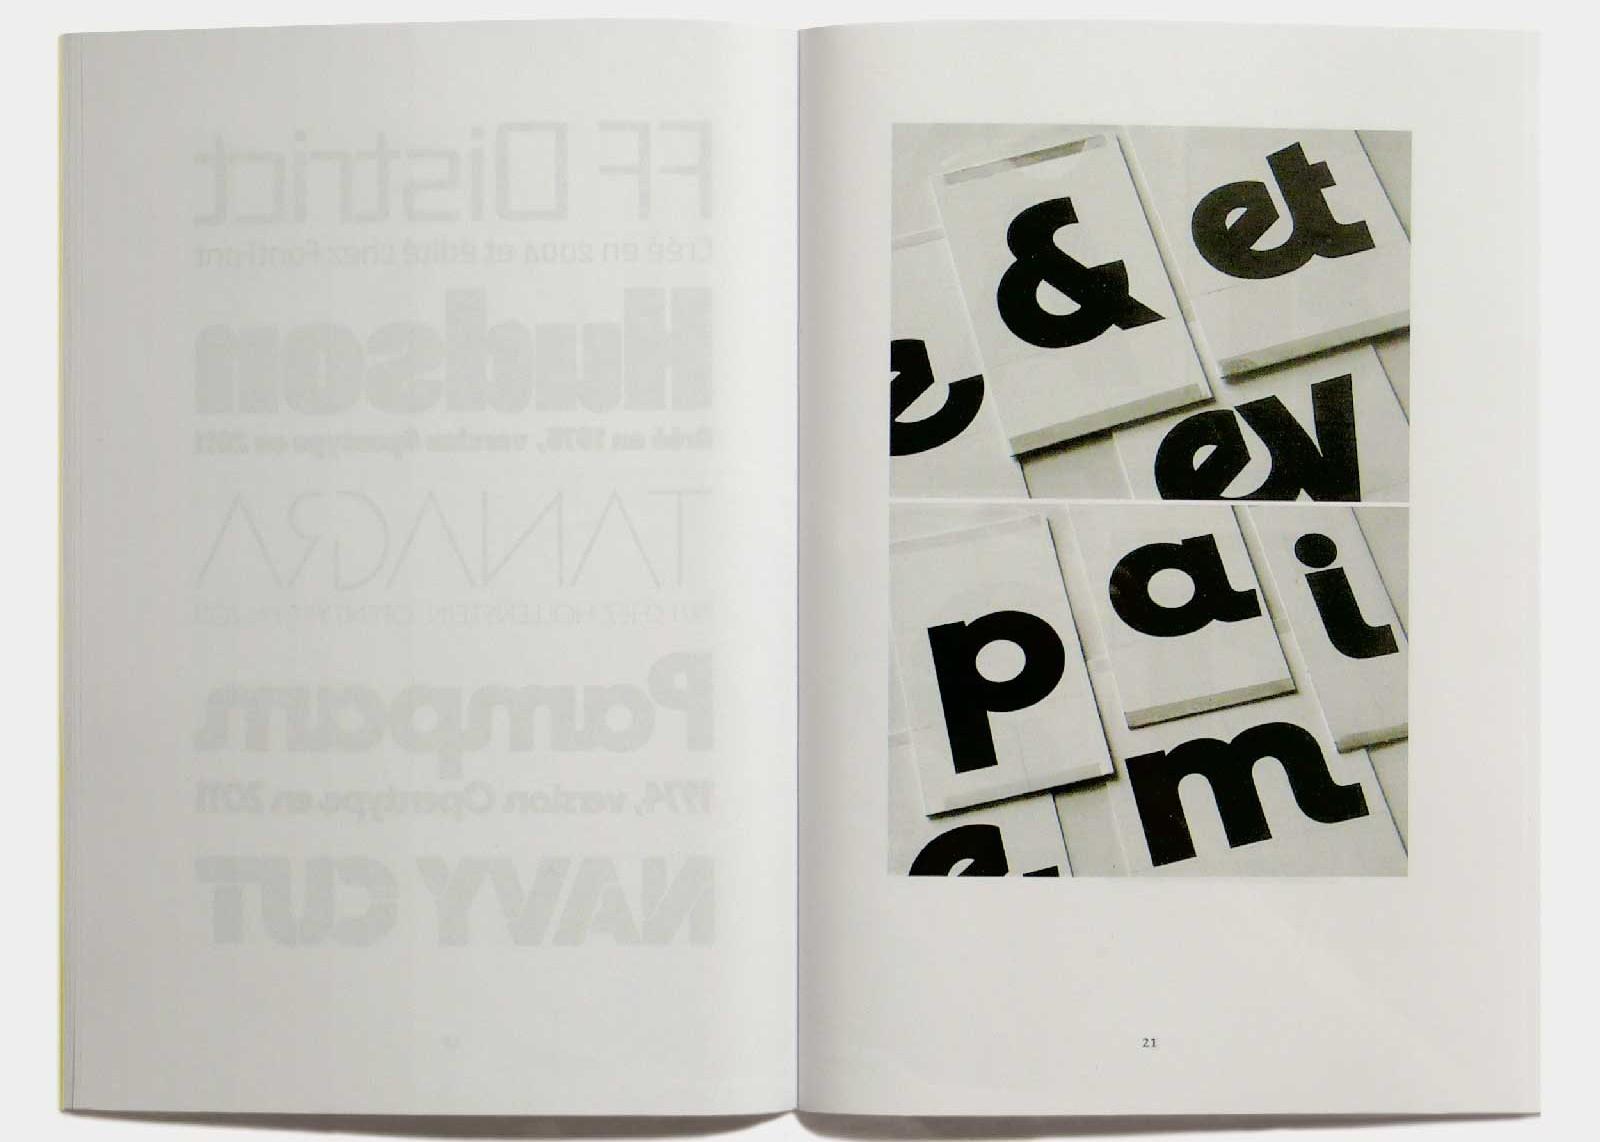 Page 21 — Caractère Pampam (1974, Hollenstein; 2011, version OpenType), dessins originaux à l'encre sur carte à gratter.